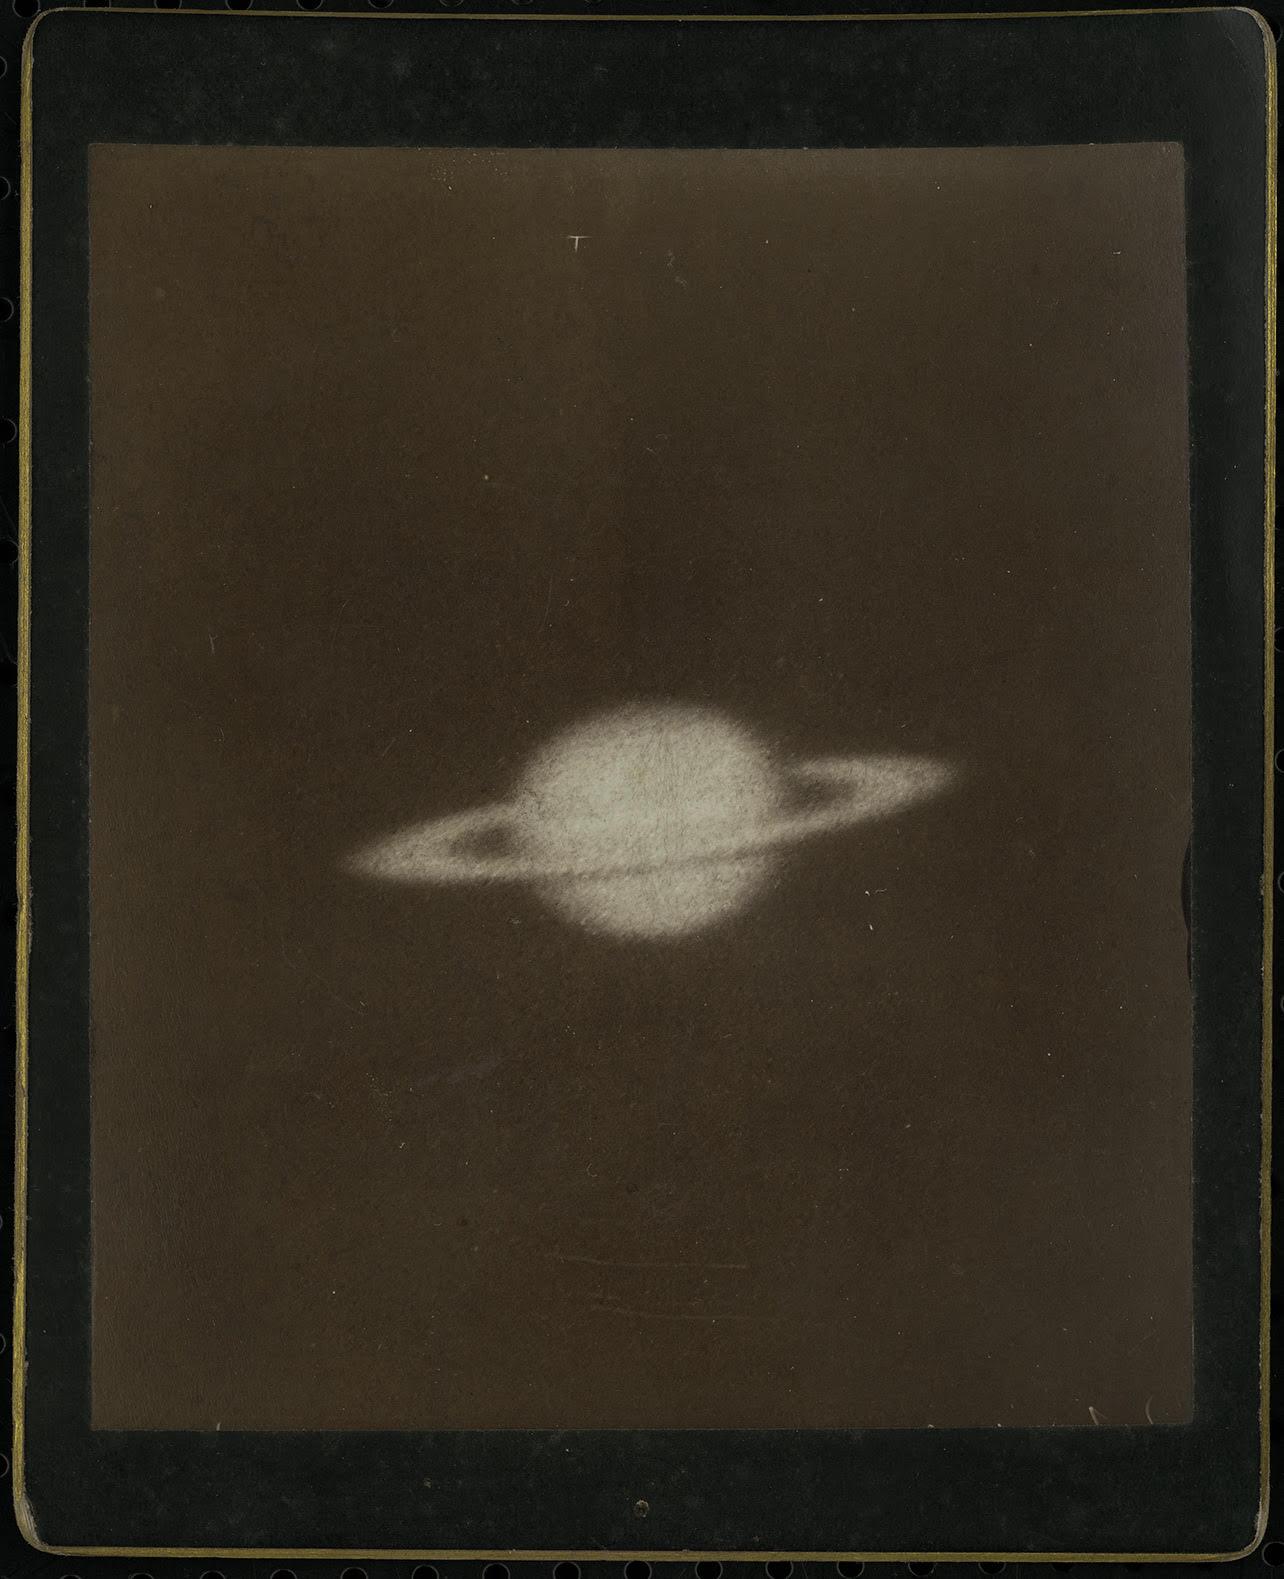 A Szaturnusz a kaliforniai Mount Wilson obszervatóriumból. Gothard Jenő amerikai körútja alkalmából jutott ezekhez a képekhez, amelyek a XIX. század utolsó évtizedének világszinten is legnagyobb teljesítményű távcsövével készültek. /ELTE Gothard Asztrofizikai Obszervatórium jóvoltából/